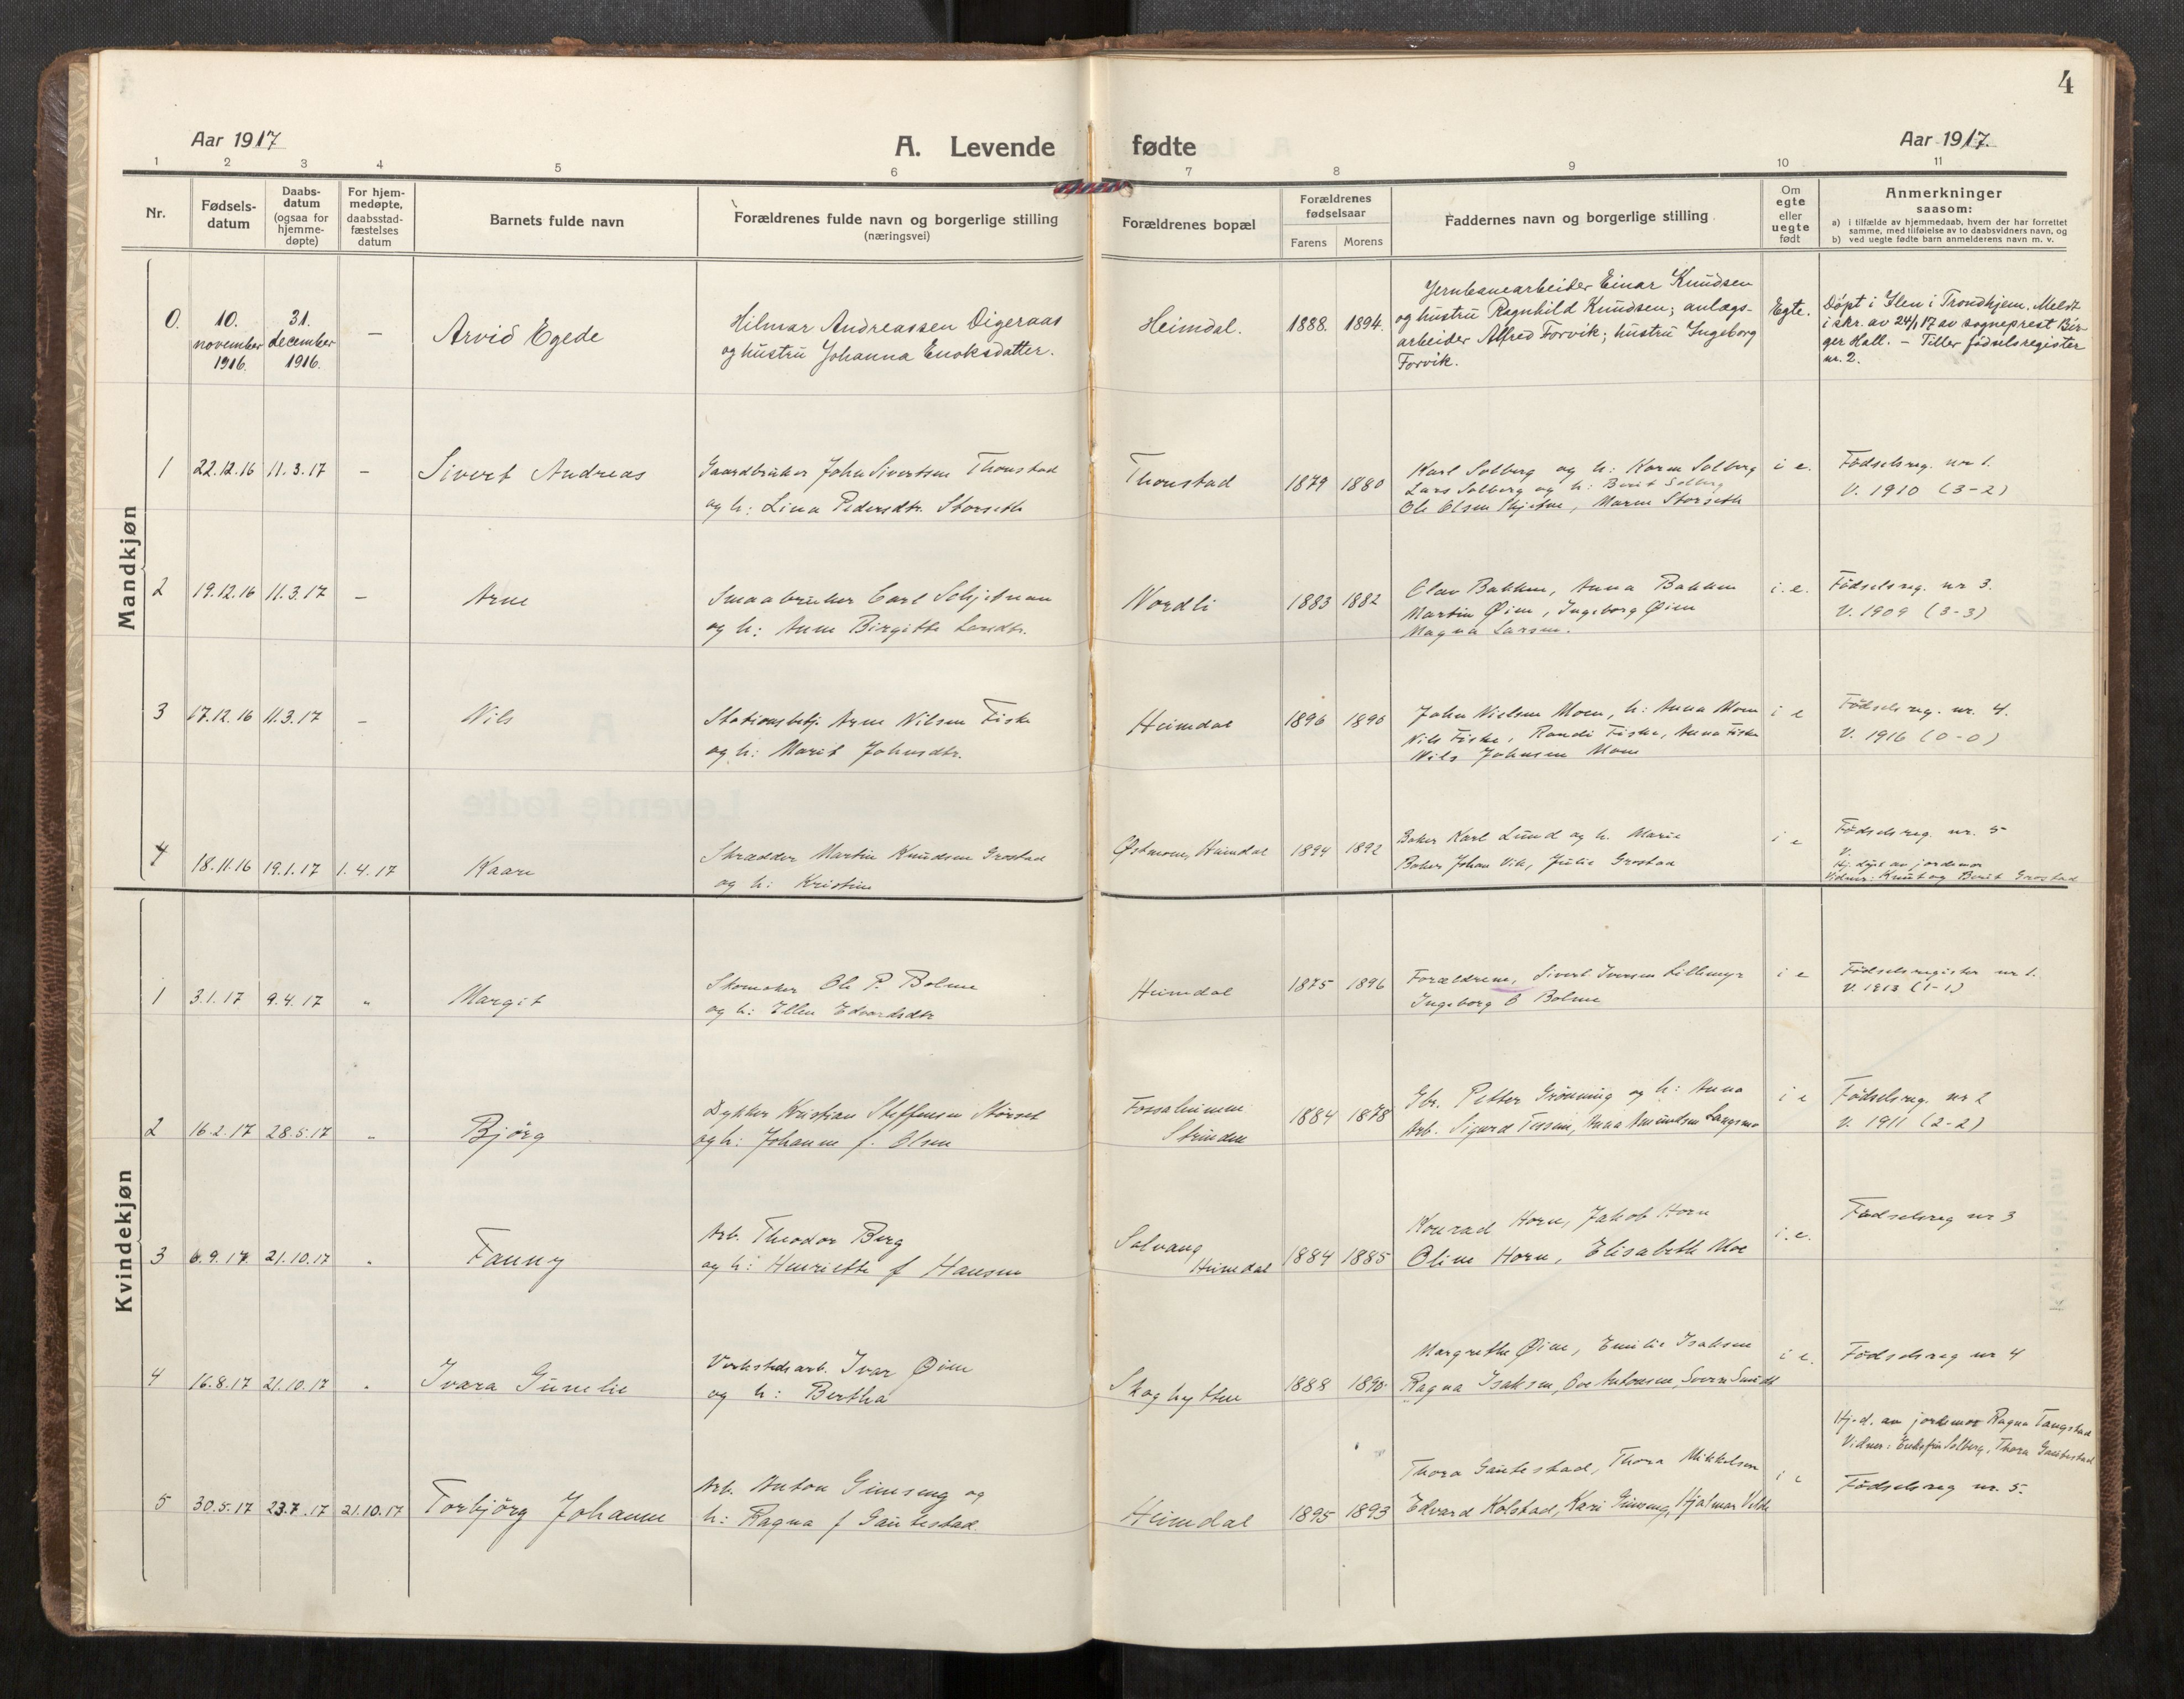 SAT, Klæbu sokneprestkontor, Parish register (official) no. 3, 1917-1924, p. 4